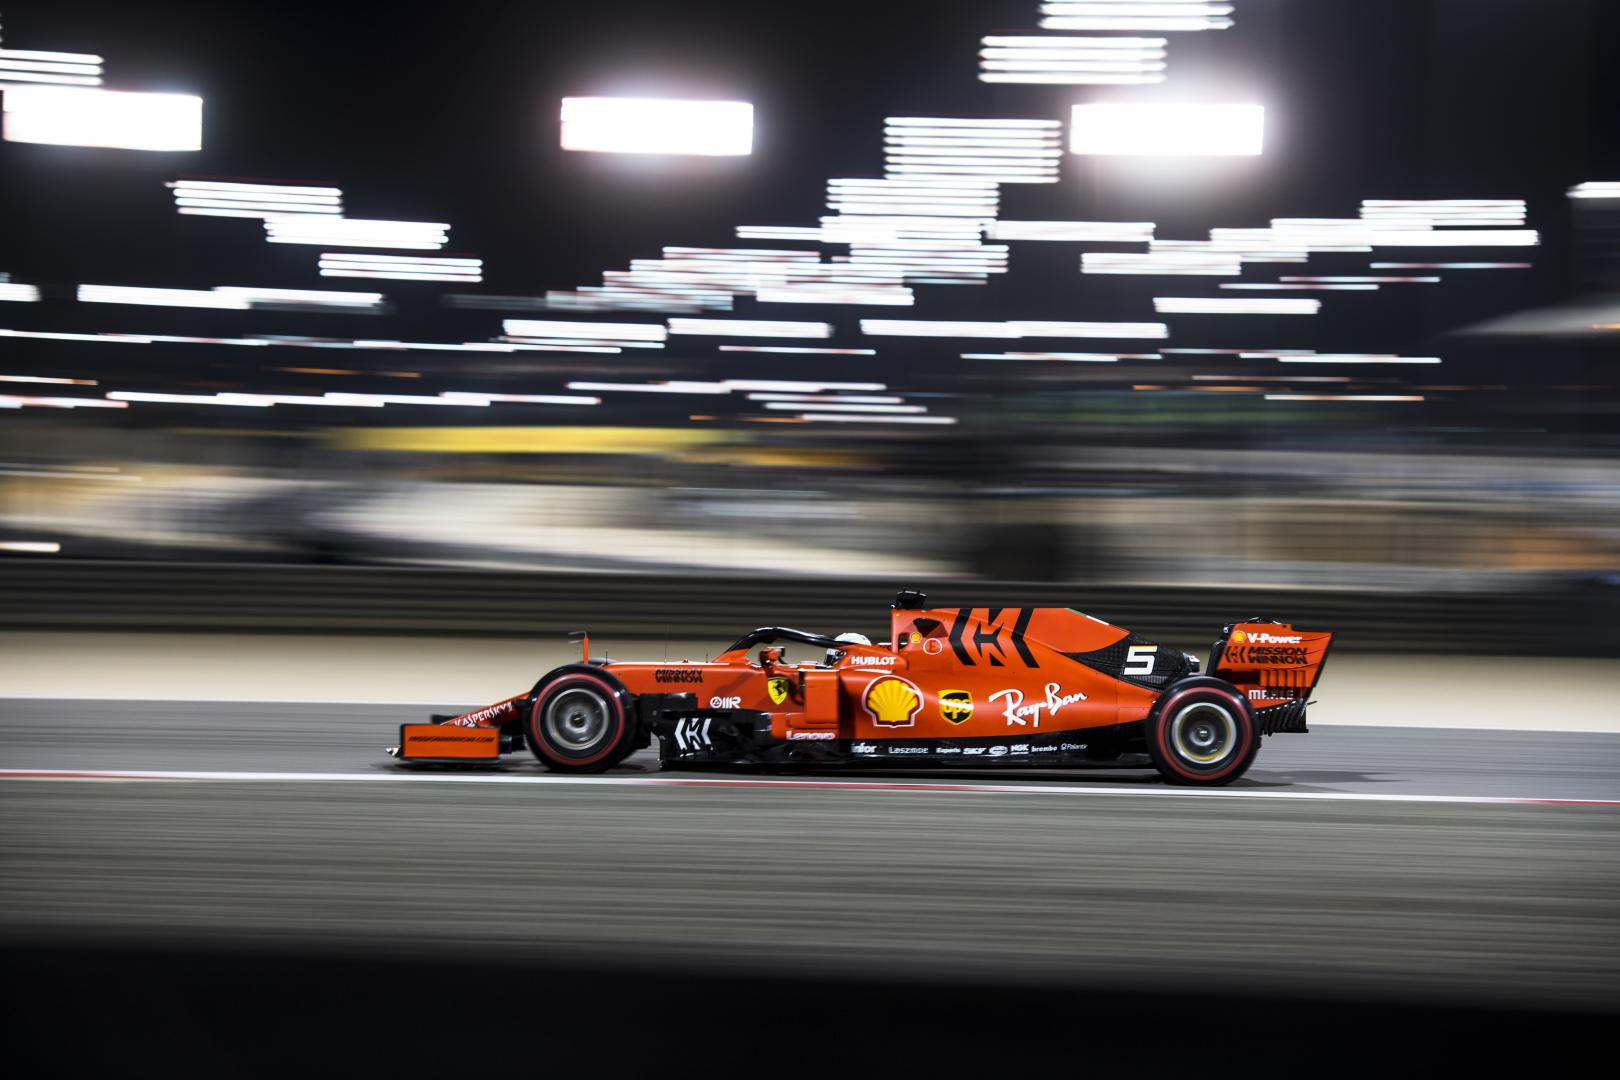 Kwalificatie van de GP van Bahrein 2019